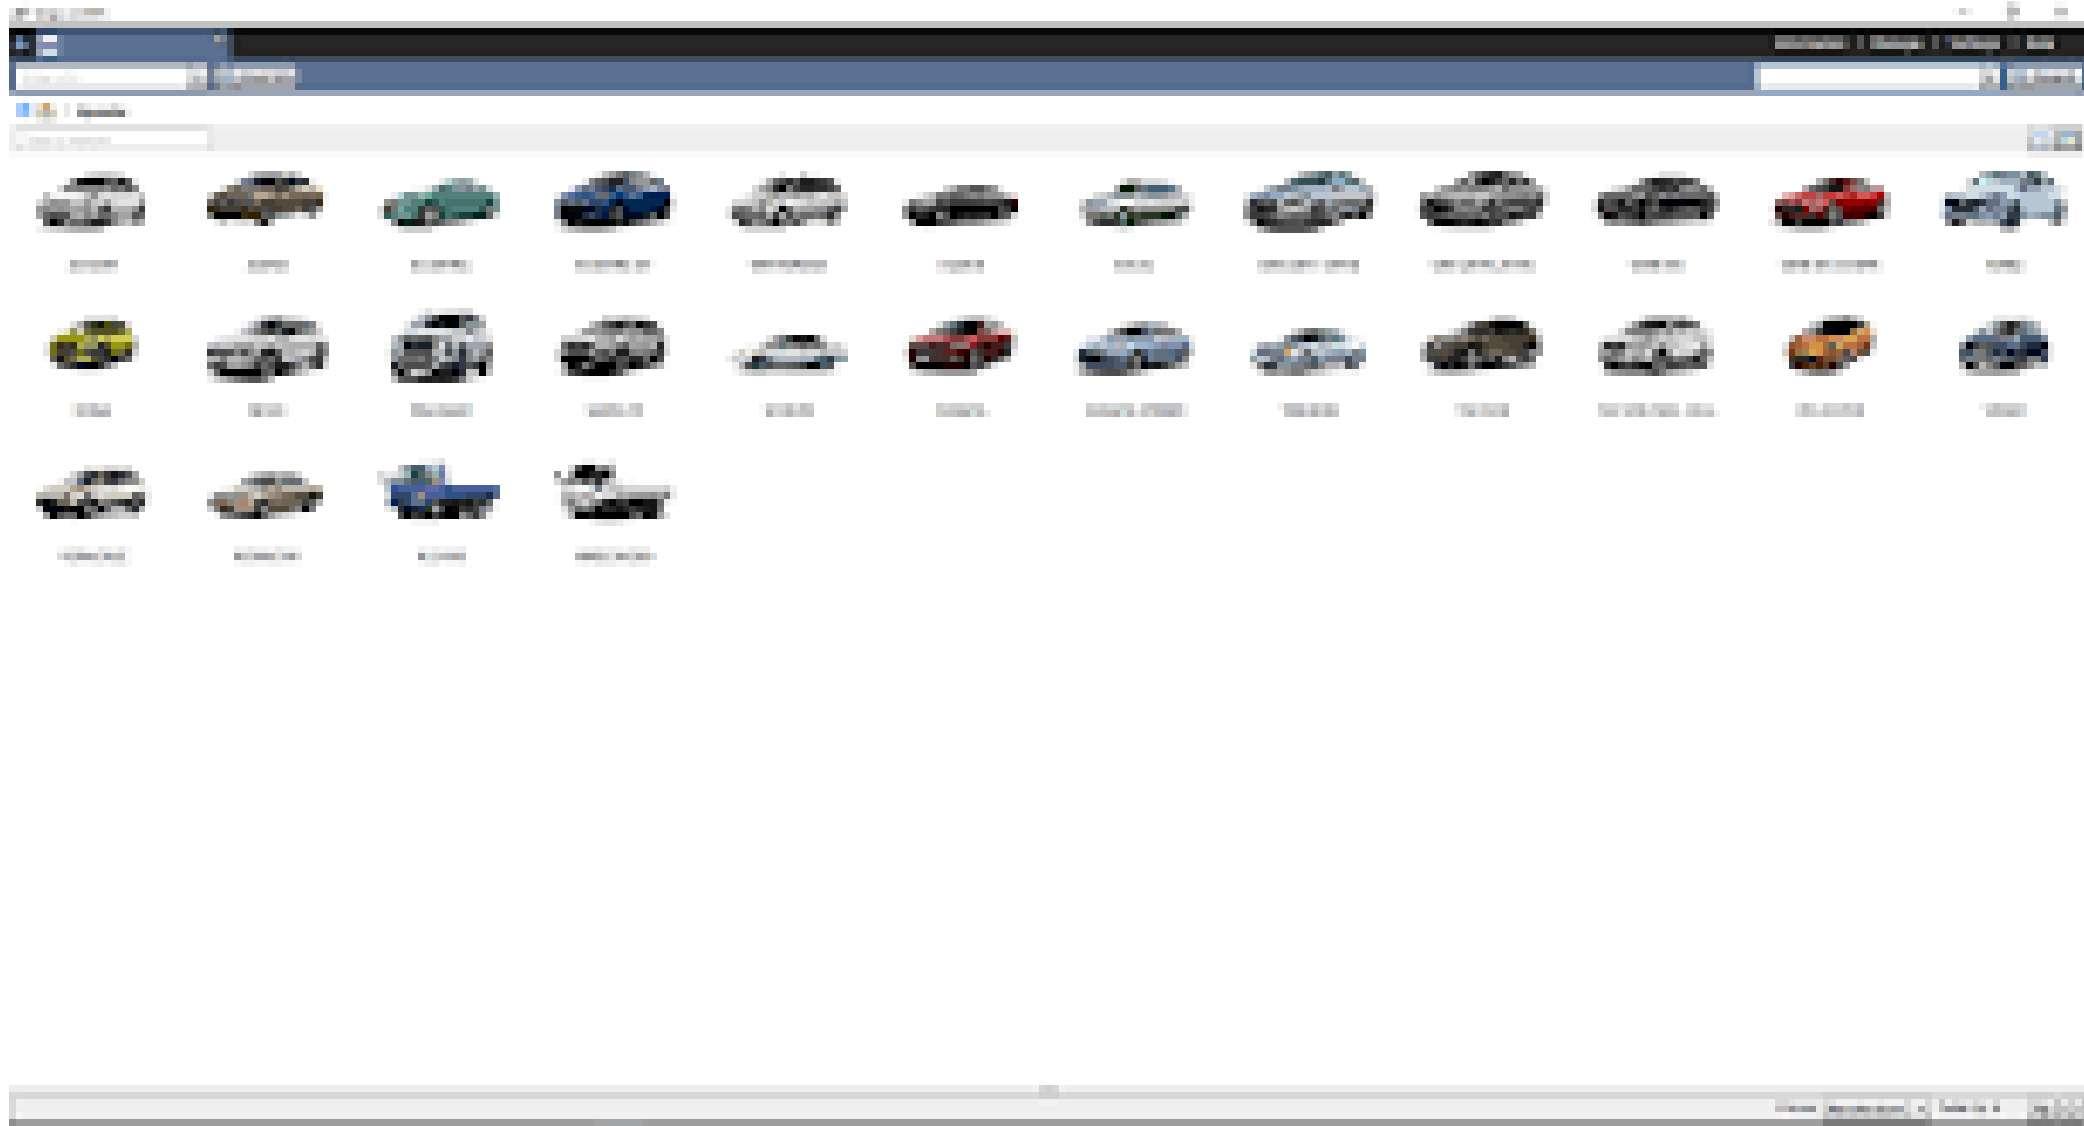 Hyundai Snapon EPC USAm Canada 05.2020 SS-01